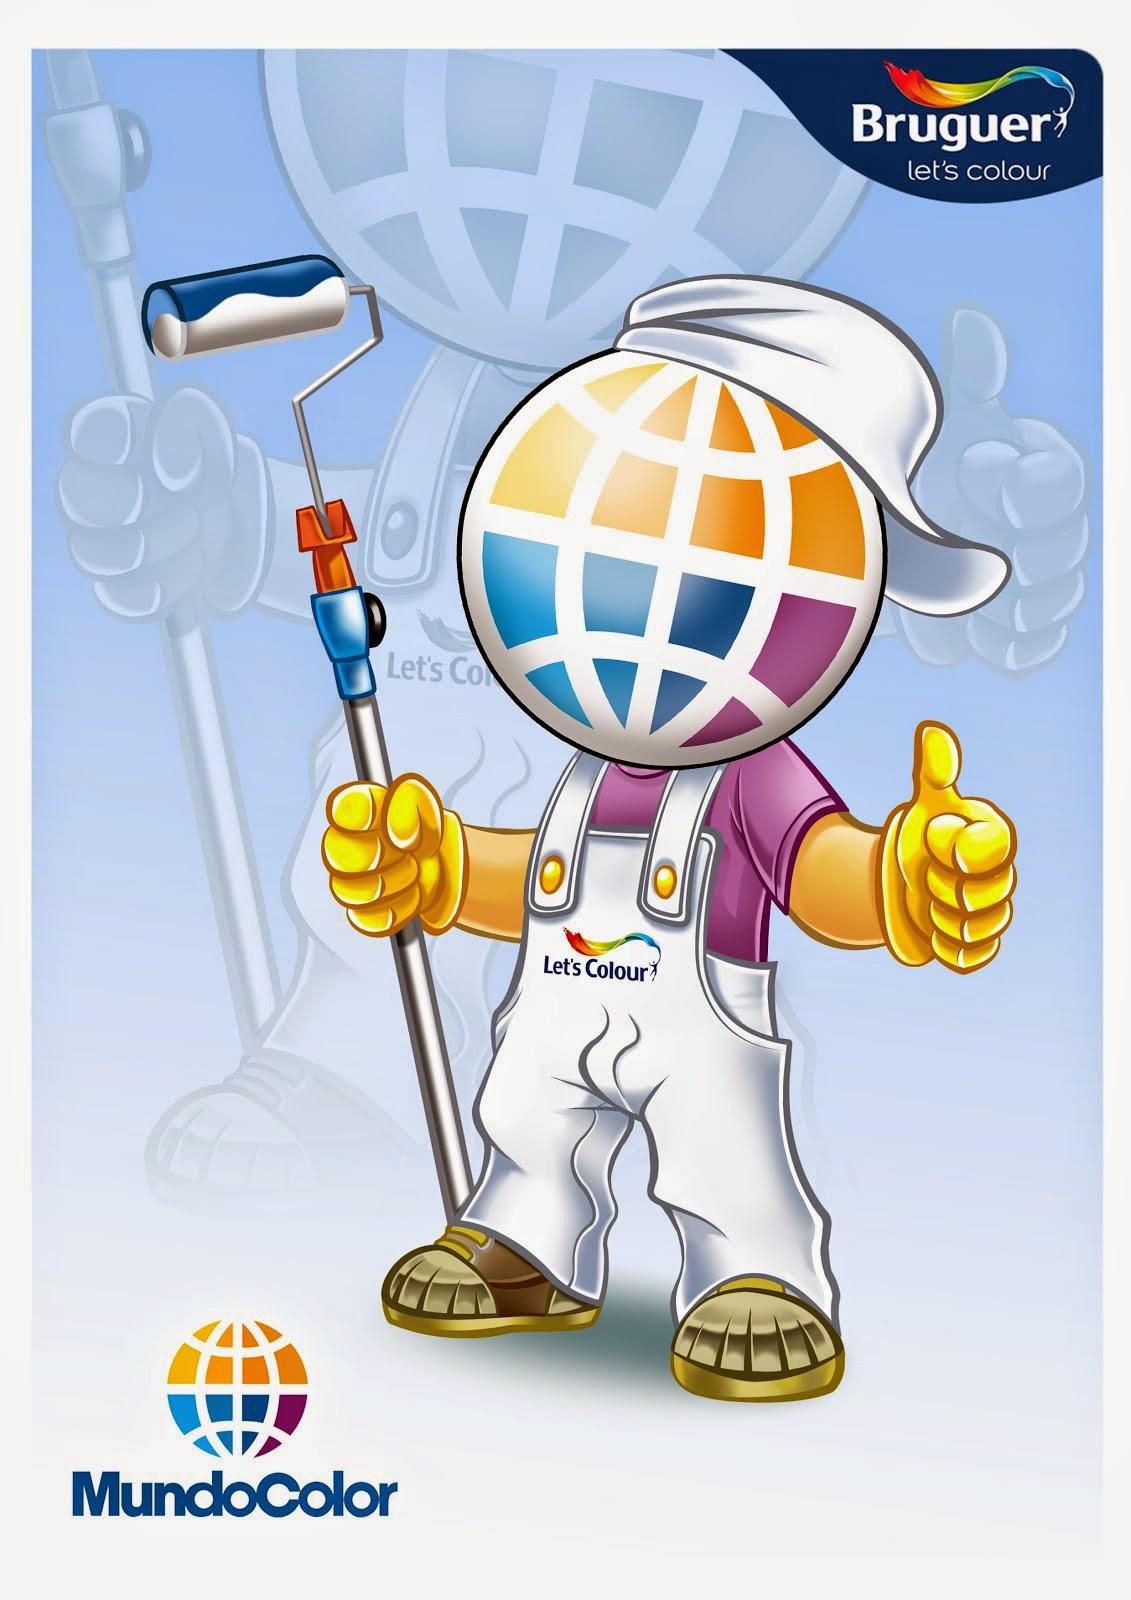 MundoColor: Las mejores marcas y los mejores profesionales a tu disposición